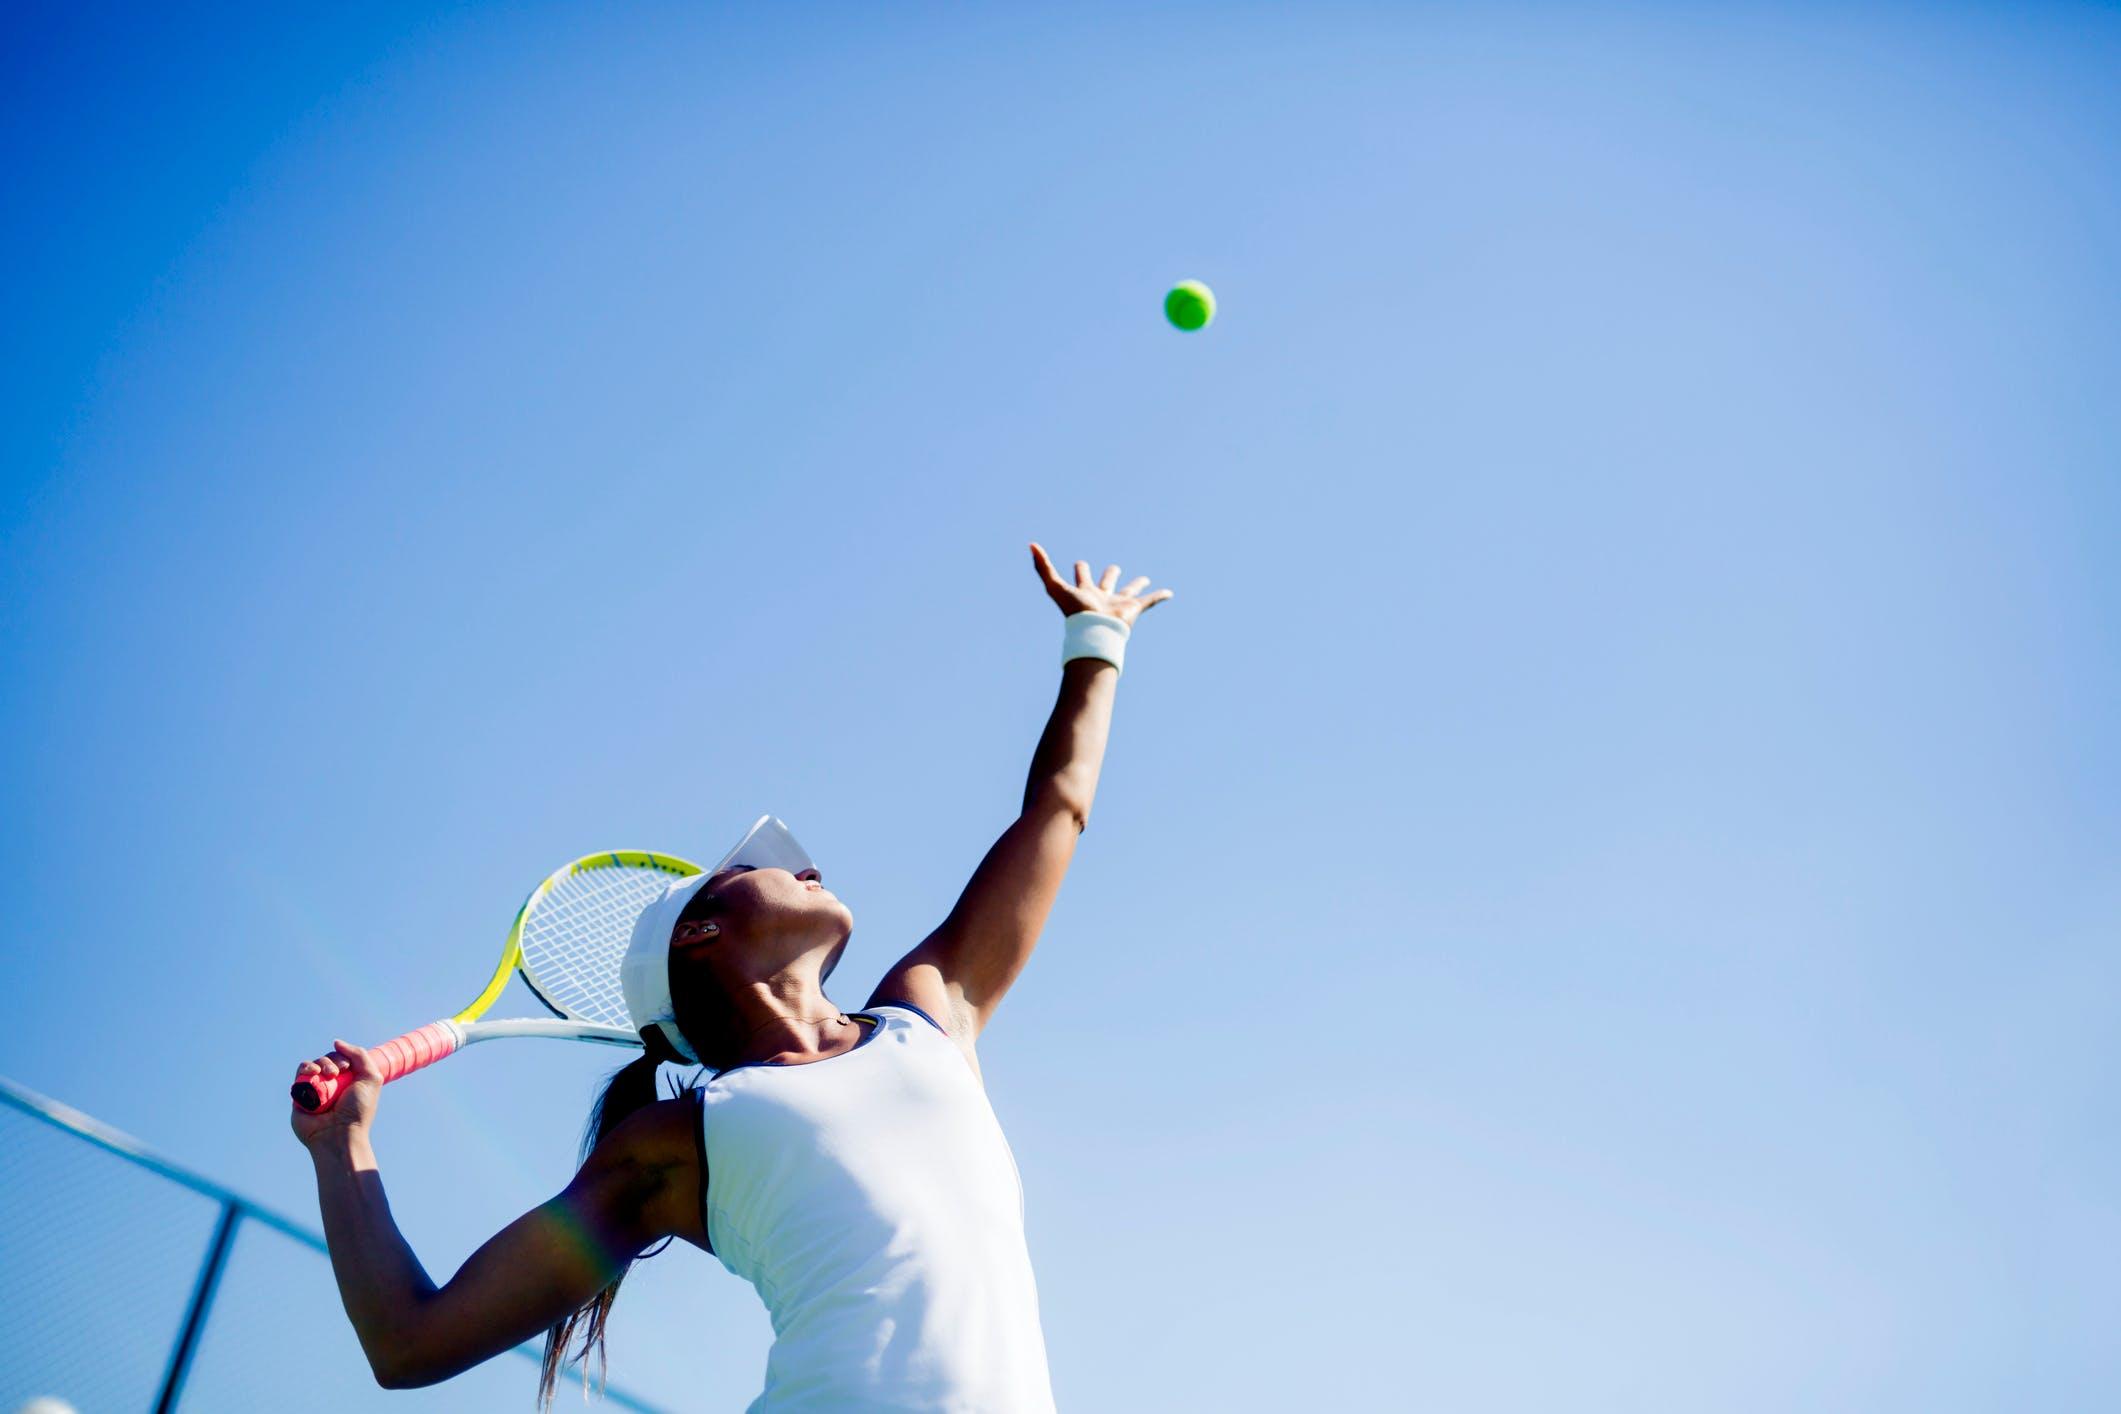 la fitness goals tennis